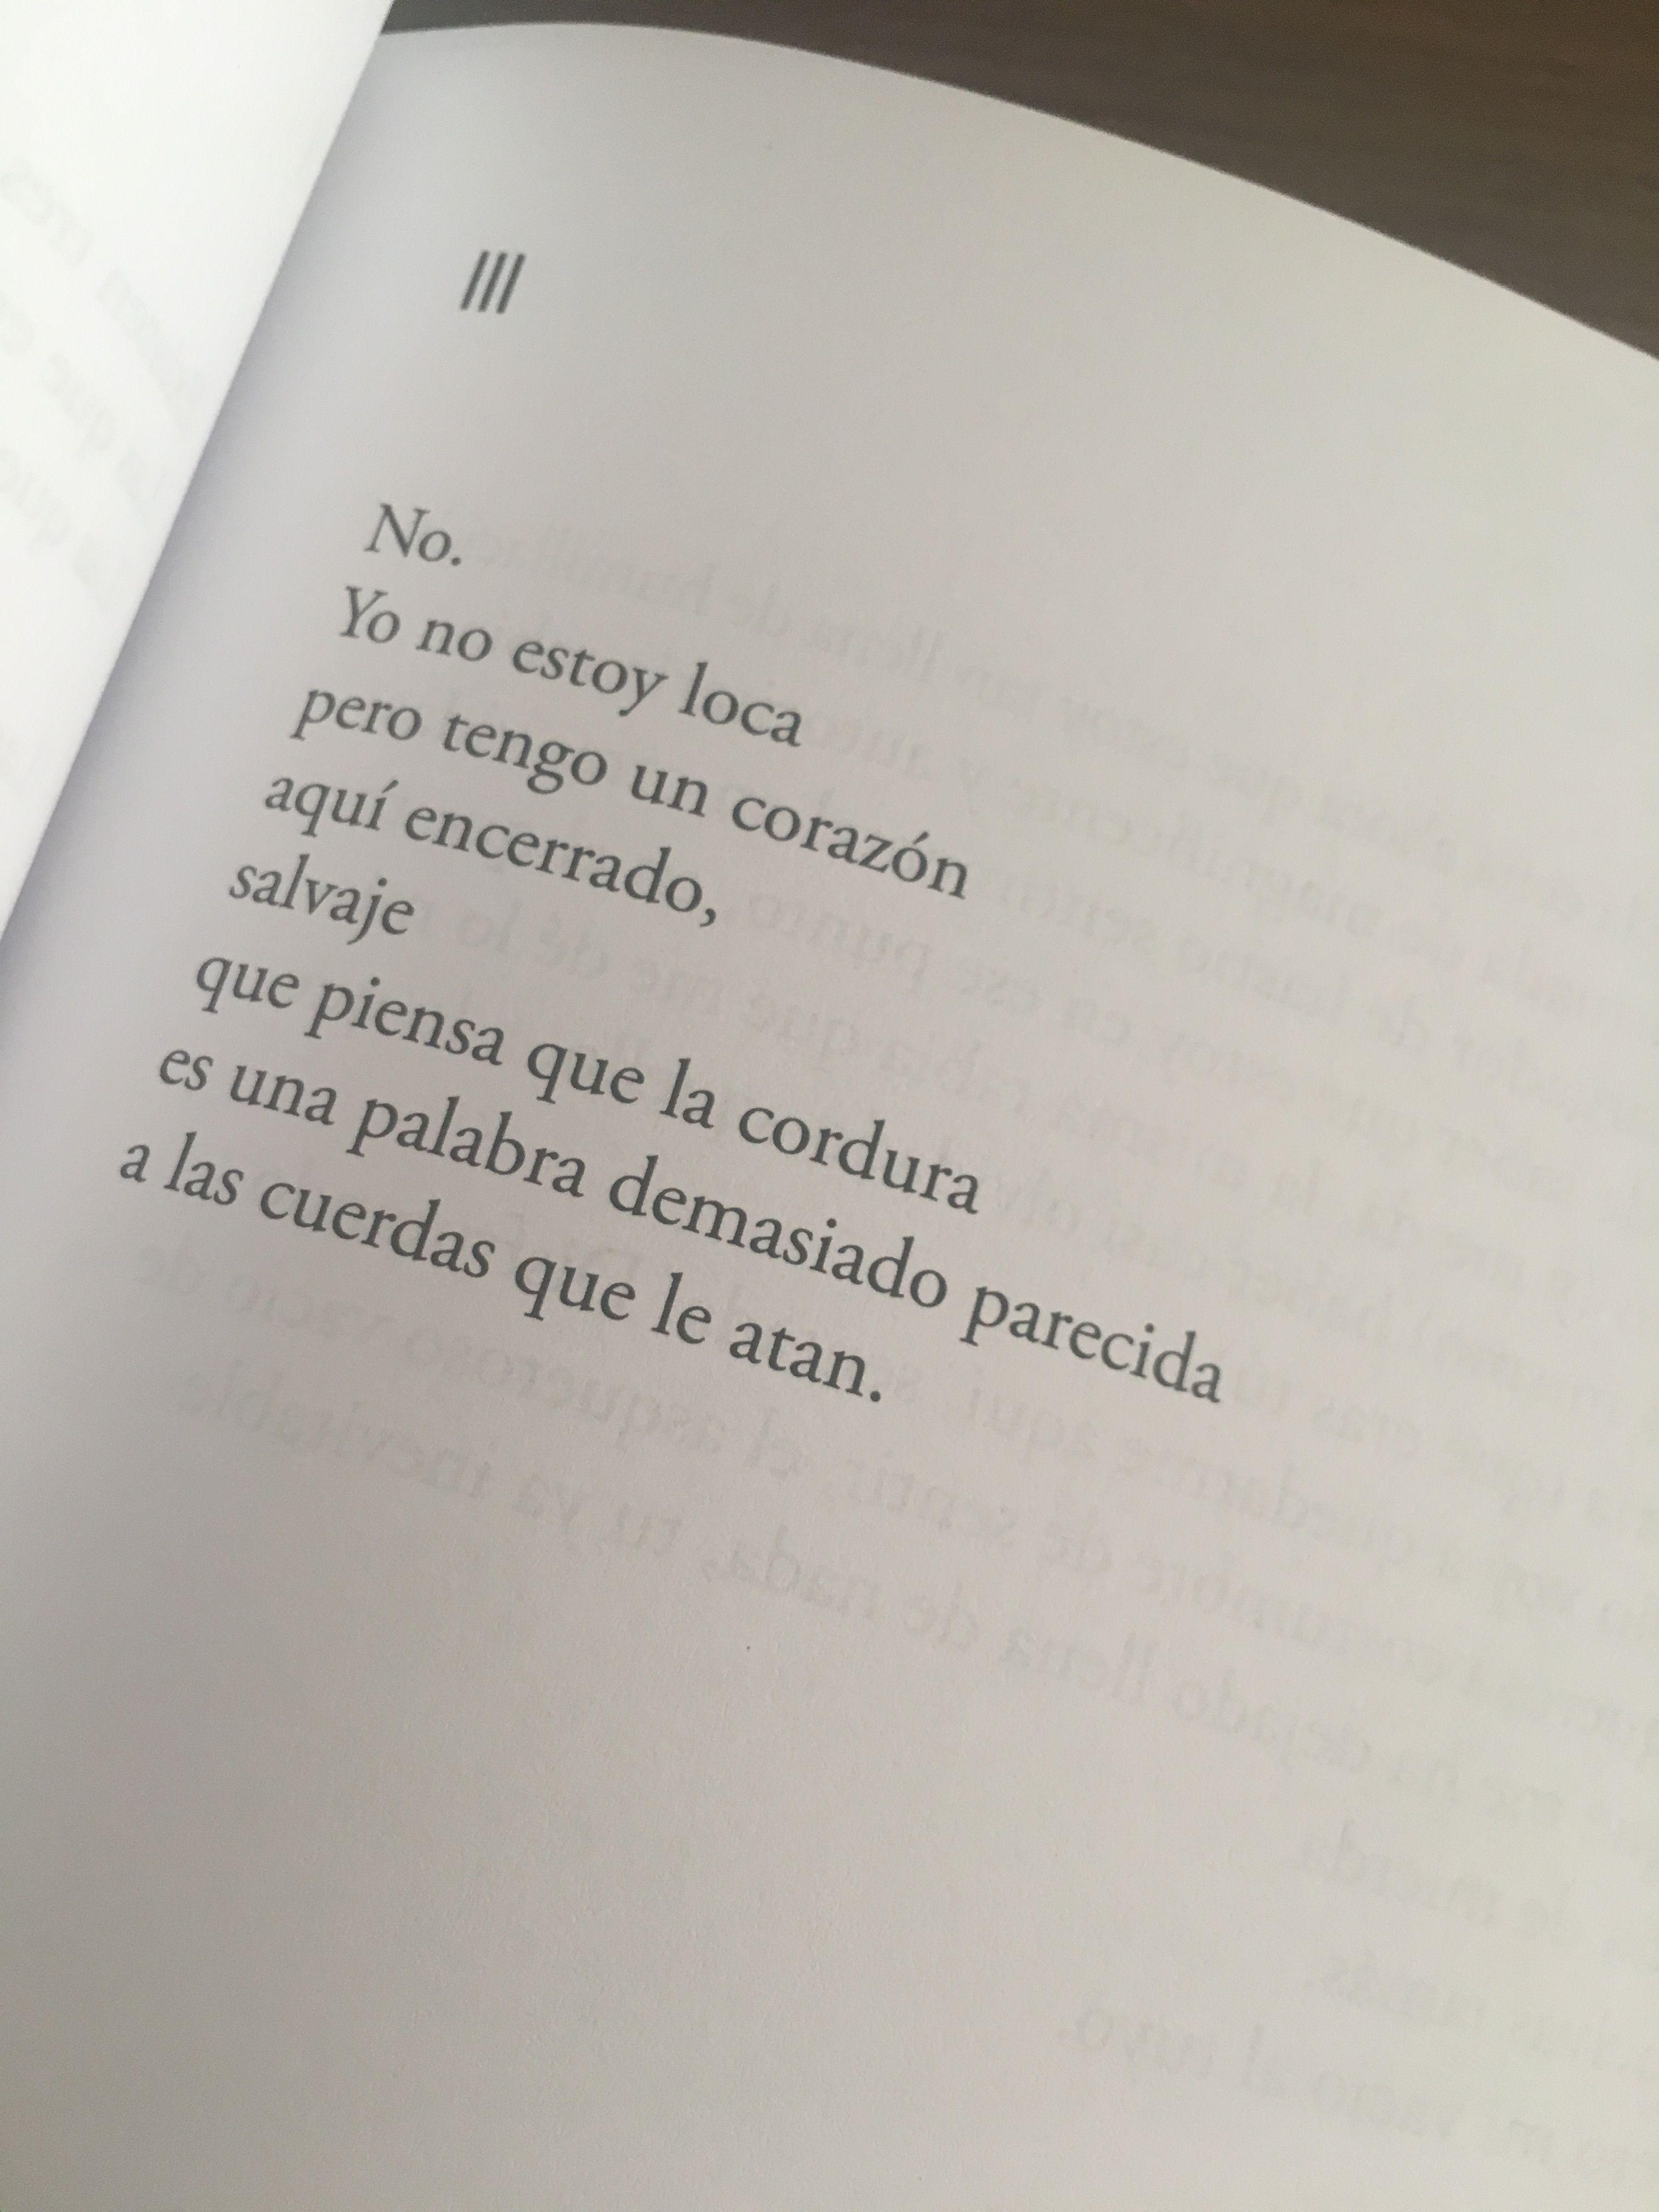 Amor Y Asco Srtabebi Poesía Amor Y Asco Frases Frases Y